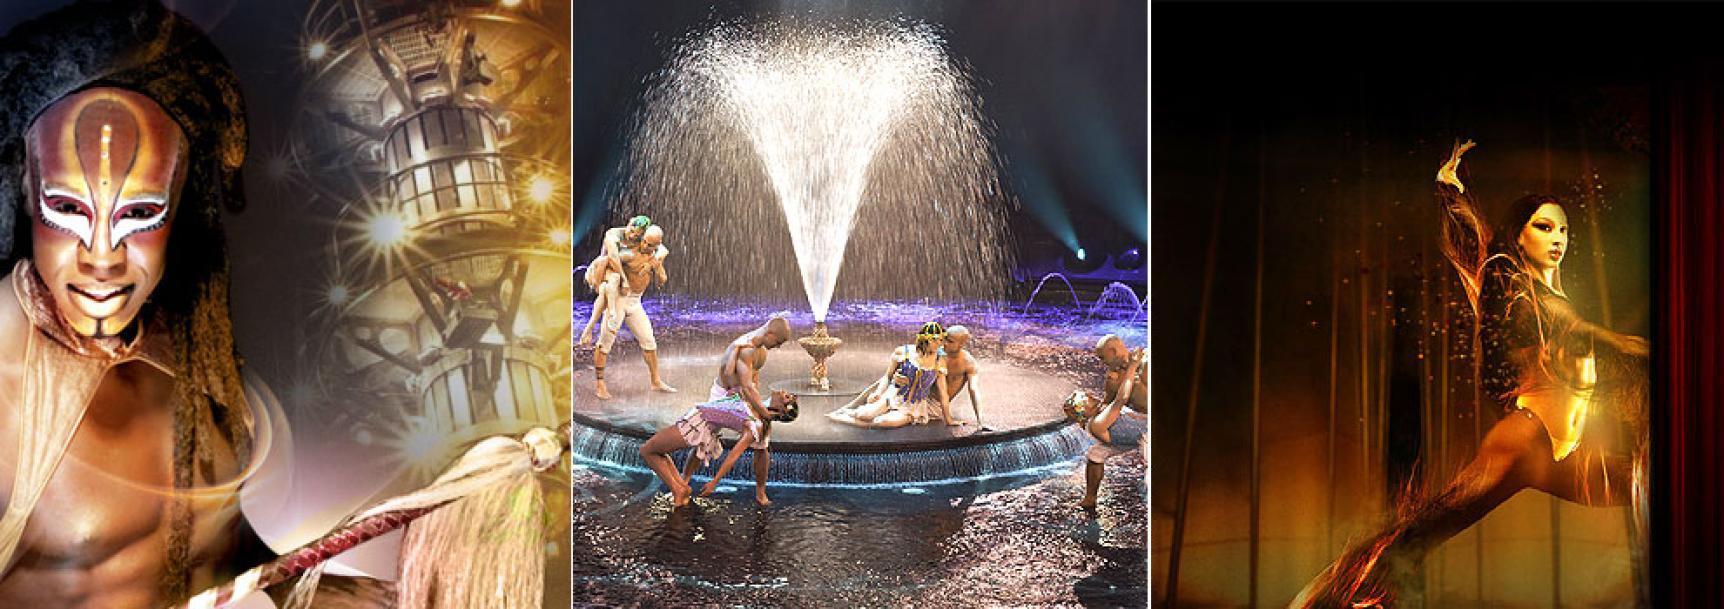 Die Shows in Las Vegas - online Übersicht